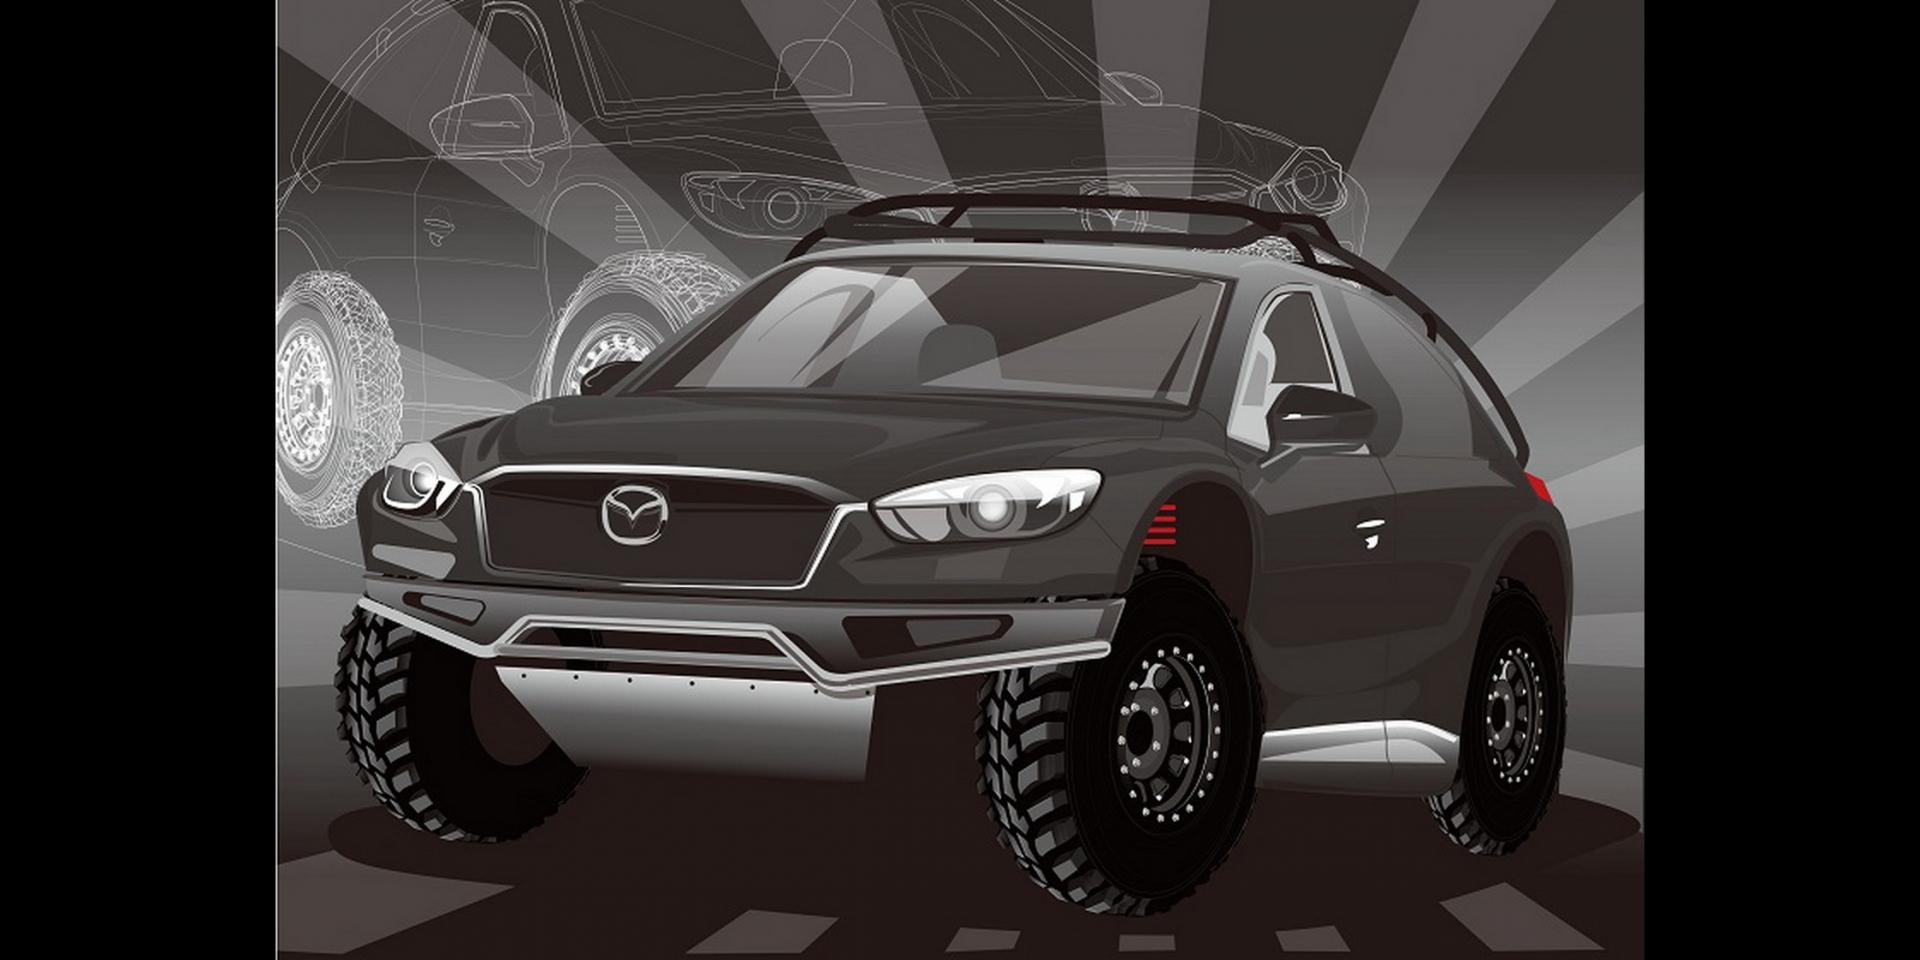 越野魂上身!Maxda CX-5大改裝成為全地形車款!